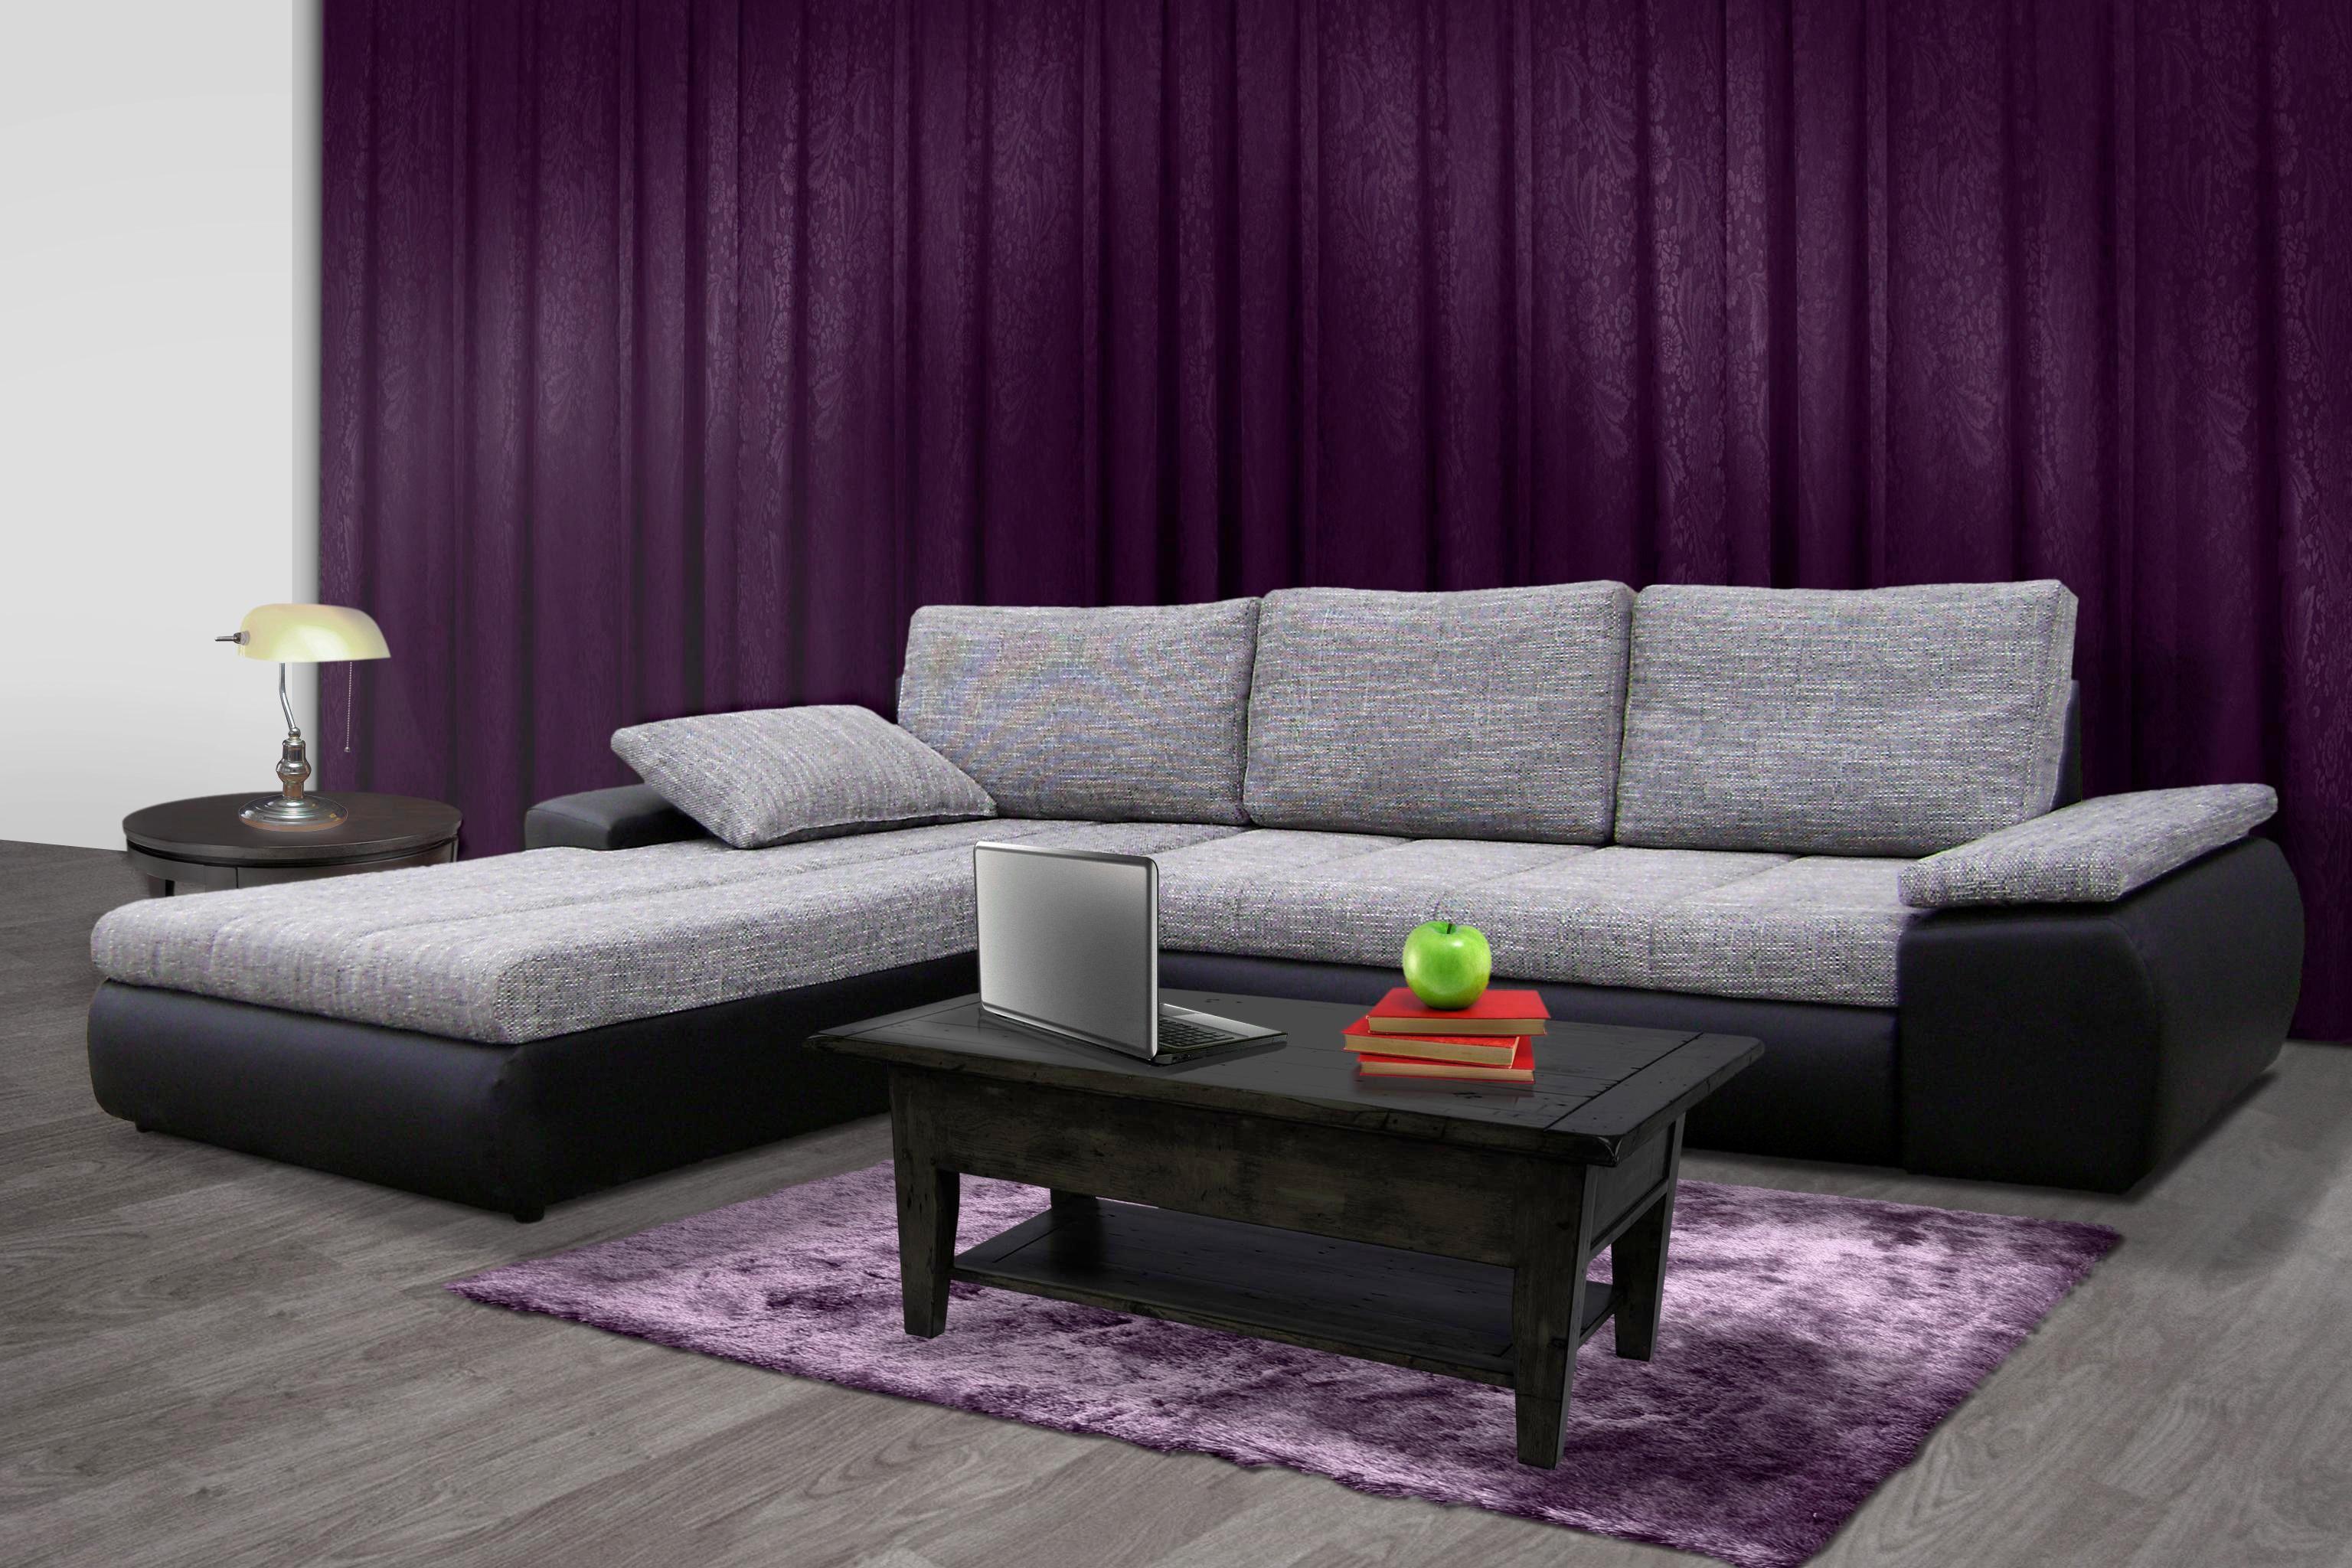 SEDEŽNA GARNITURA - črna/siva, Design, umetna masa/tekstil (310/210cm) - BOXXX